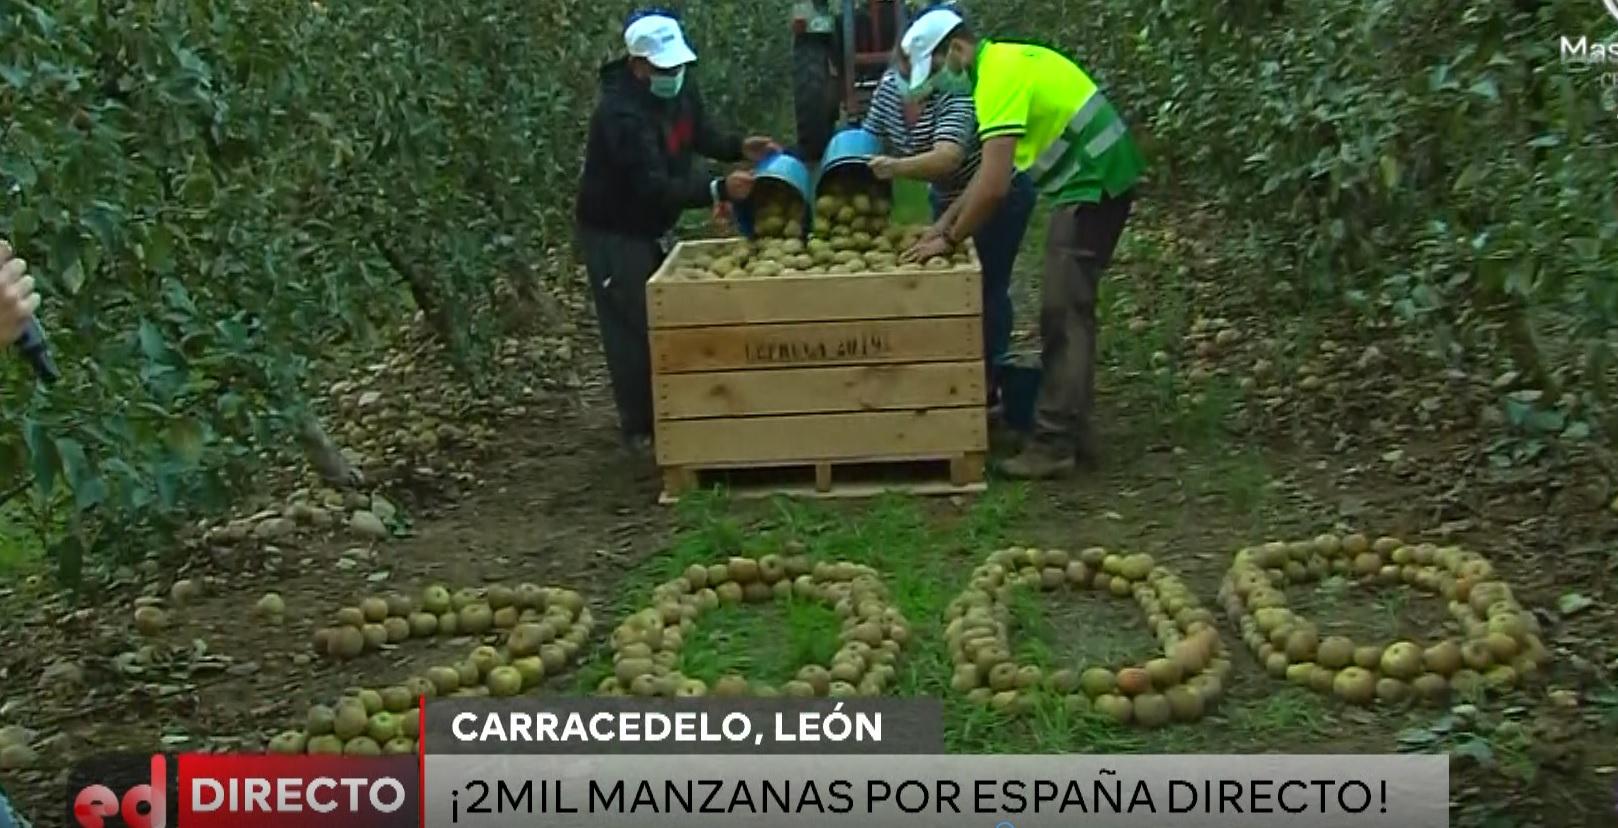 La manzana reineta del Bierzo luce en el programa 2.000 de 'España Directo' 1